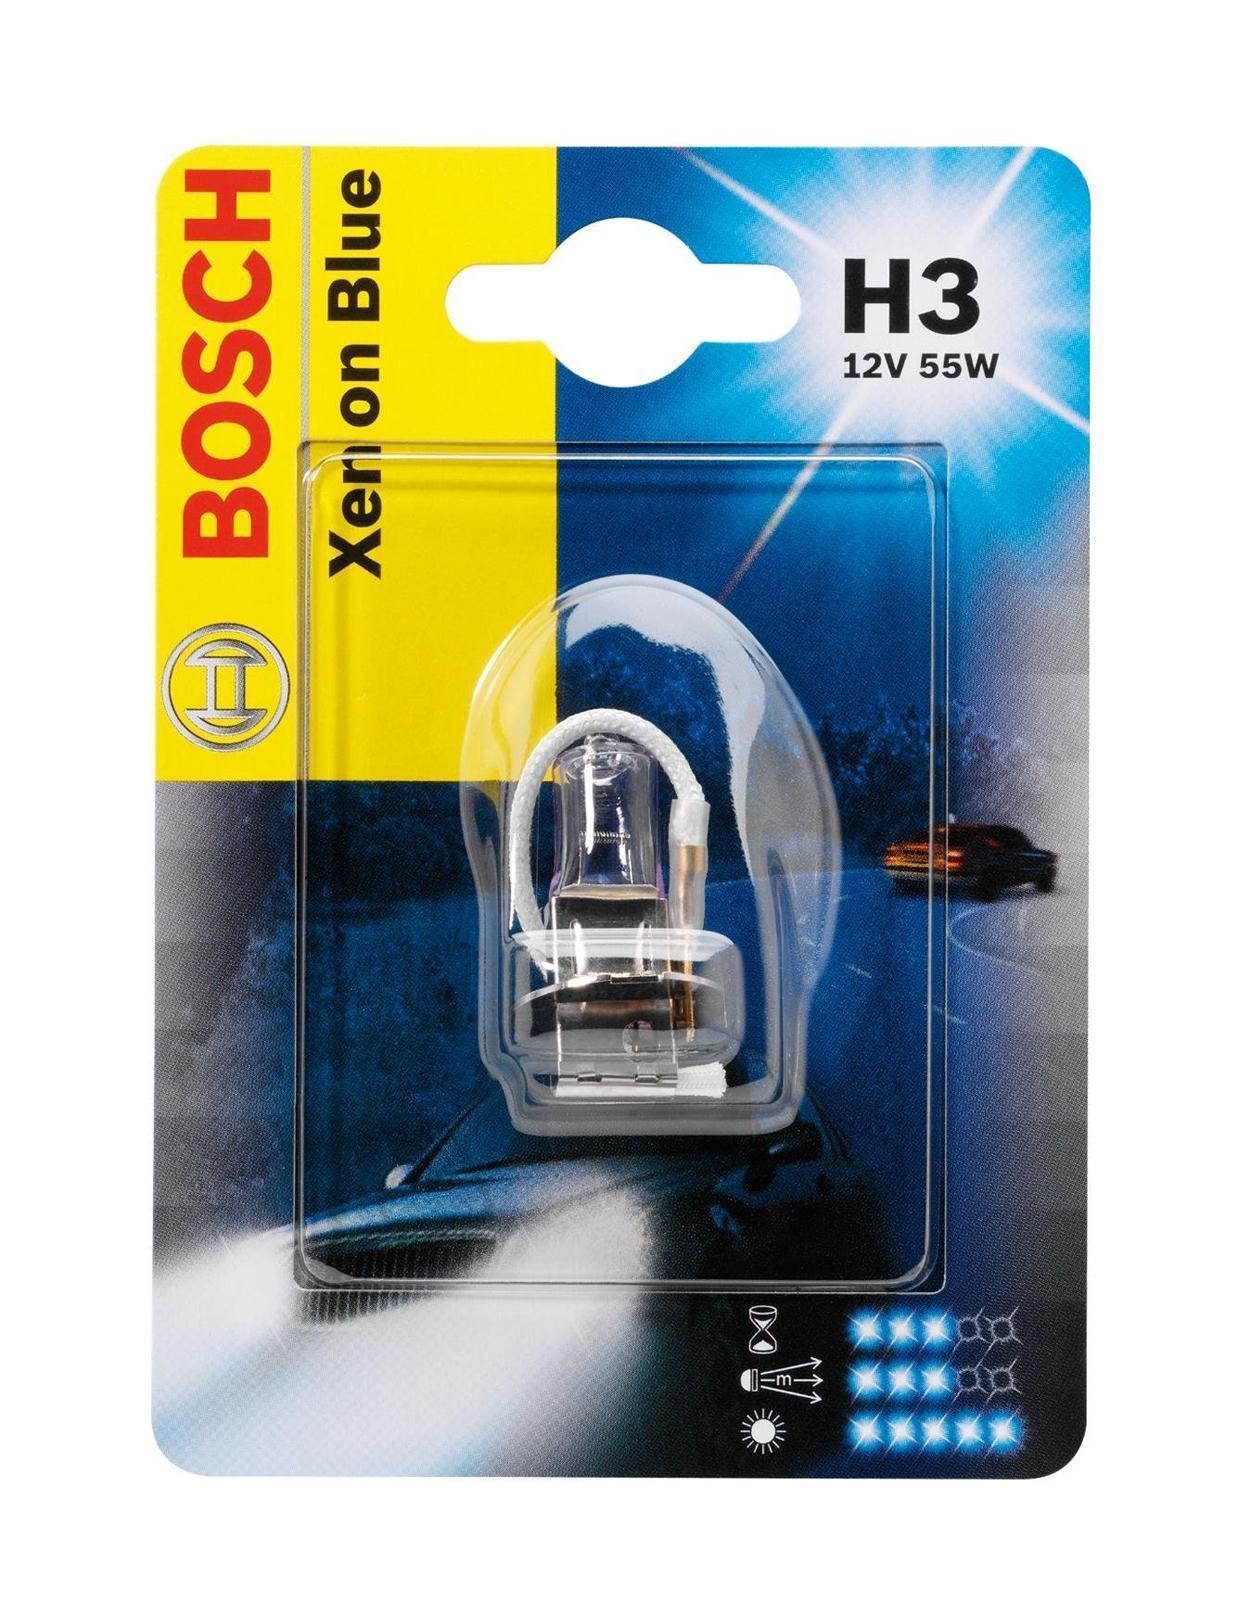 Лампа Bosch Xenon Blue H3 198730100710503Лампа галогенная Bosch H3 Xenon Blue 12V, 55W, 1 шт - источник света, у которого светящим элементом является вольфрамовая спираль. У лампы есть большой запас срока службы. Способна выдержать большое количество включений и выключений.Напряжение: 12 вольт